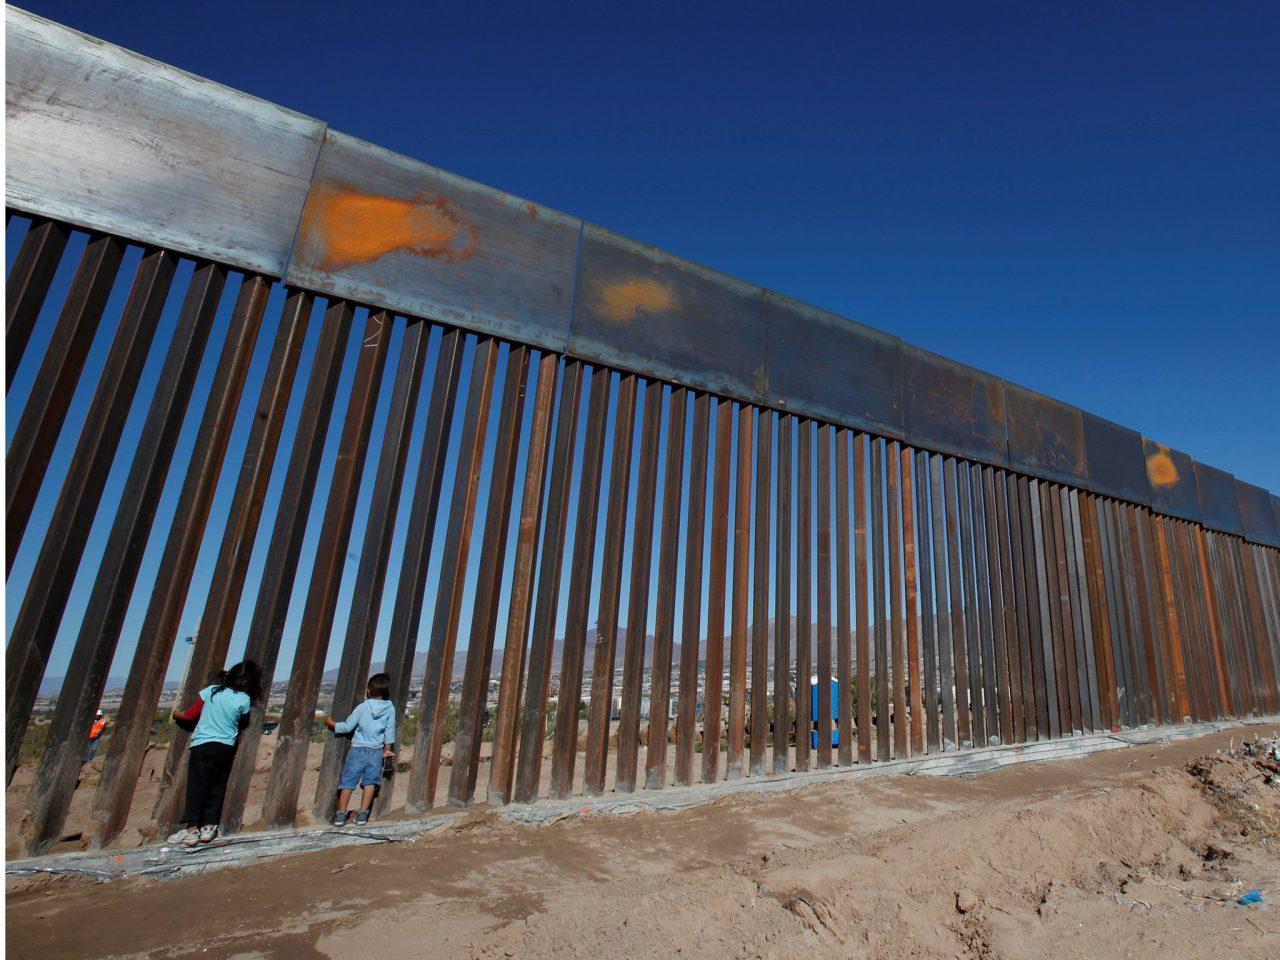 wall-us-mexico-1280x960.jpg